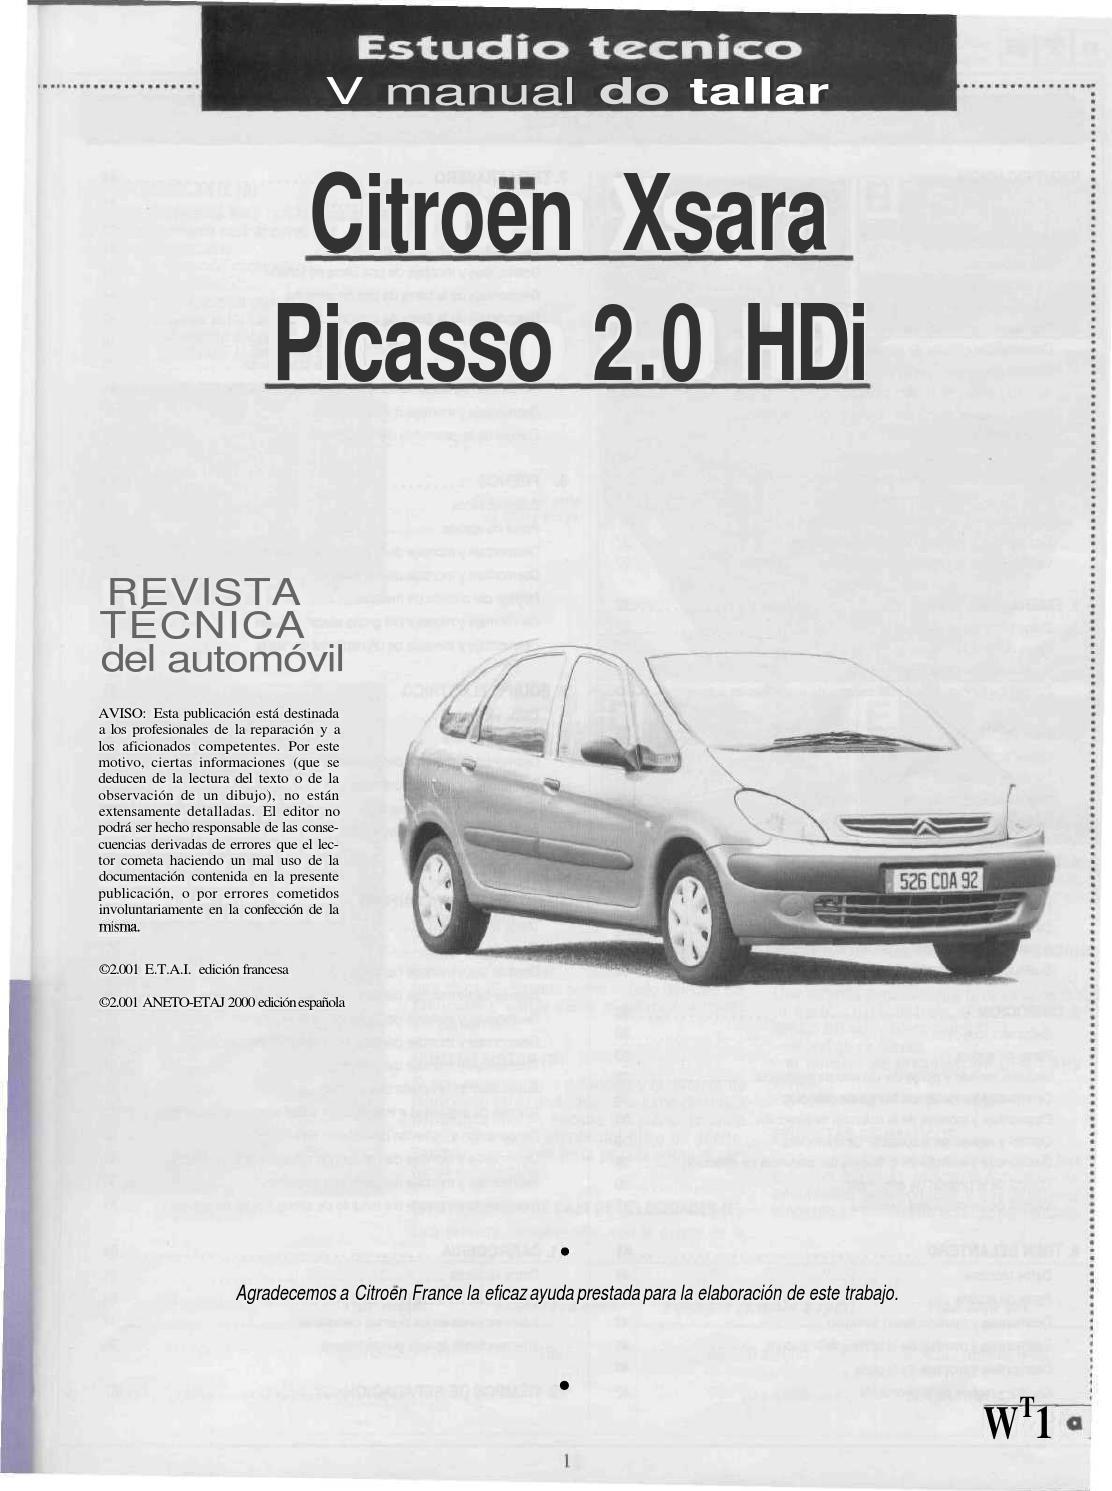 Estudio y manual de taller del xara picaso 2001 2 0 hdi by Eduardo Jose -  issuu